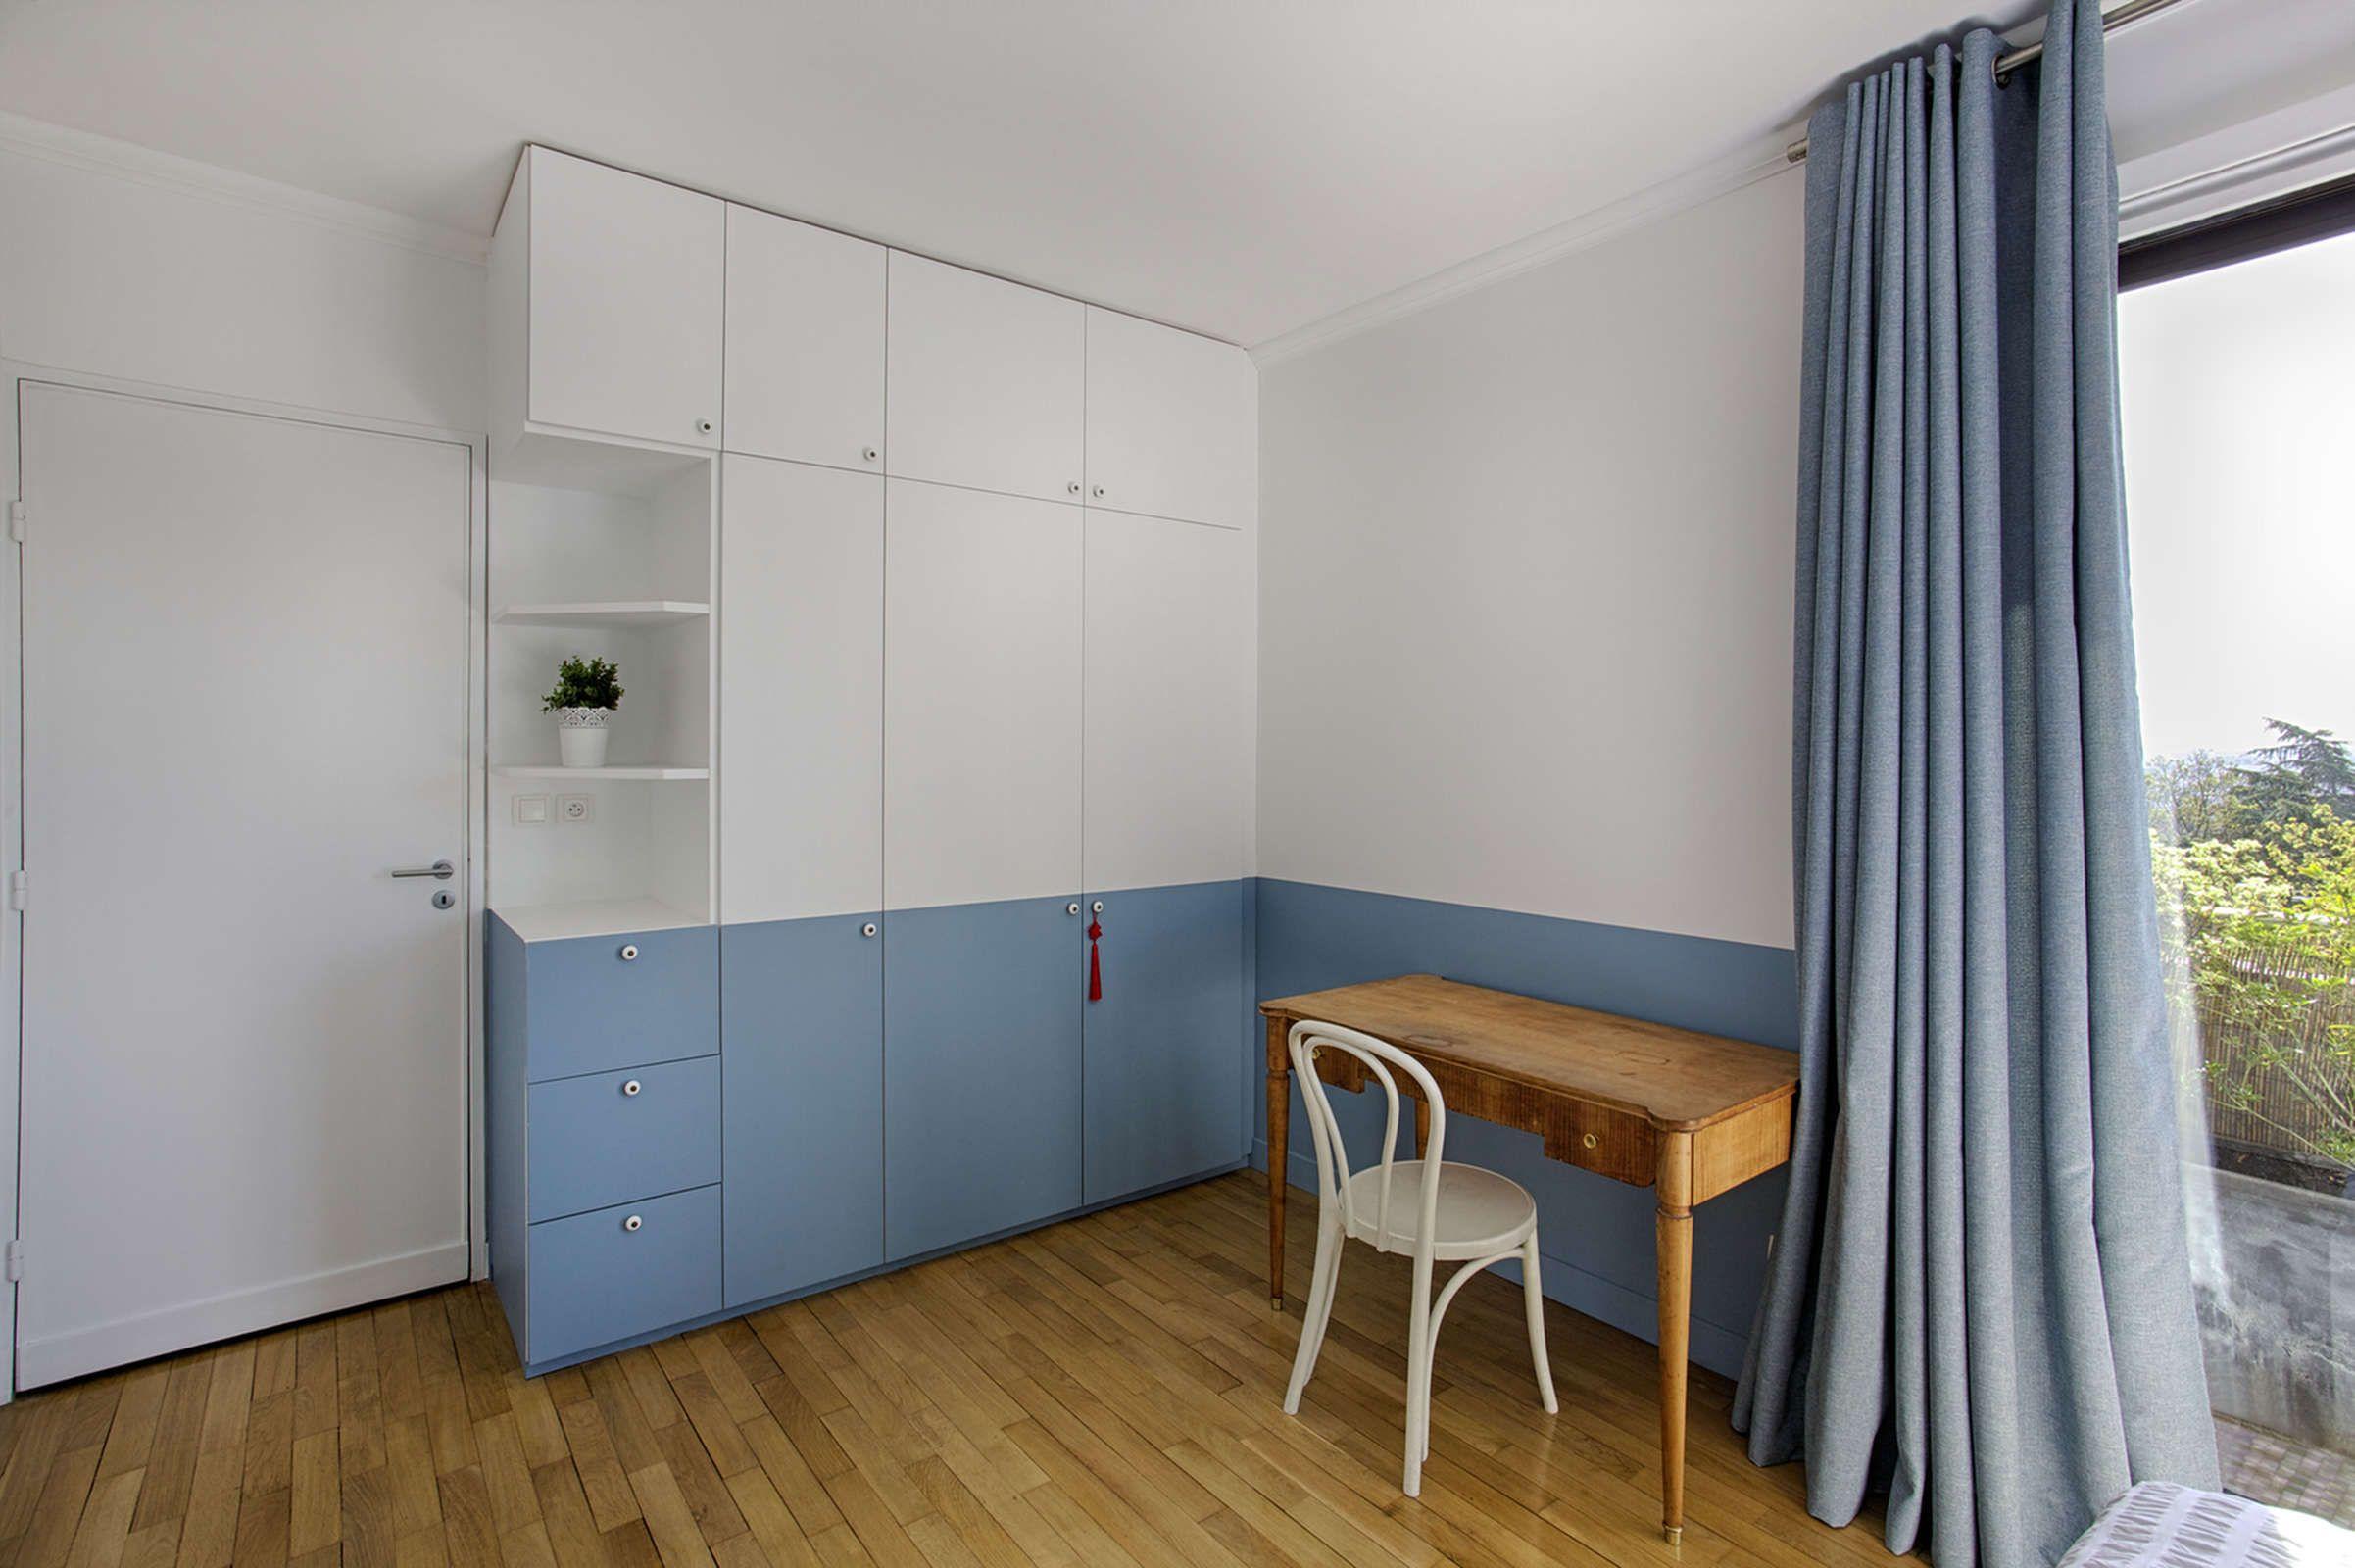 Chambre Bleu De Jeune Homme Saint Cloud Decorexpat La Touche D Agathe Decoratrice D Interieur A Poitiers Poi Decoration Maison Meuble Deco Chambre Enfant